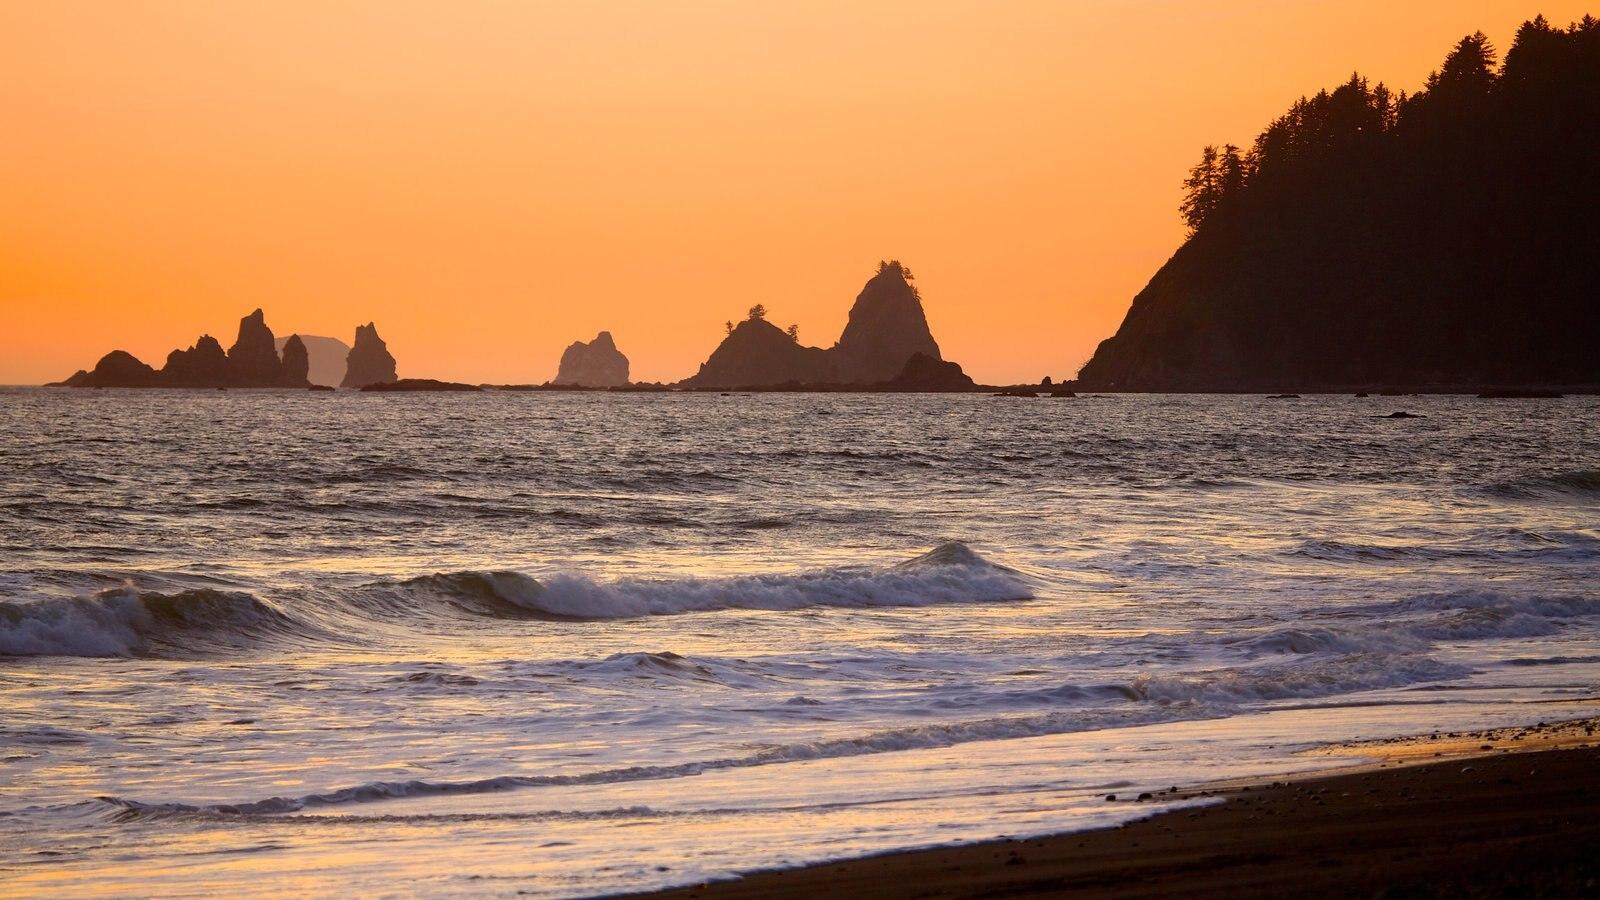 Washington mostrando vistas generales de la costa y una puesta de sol